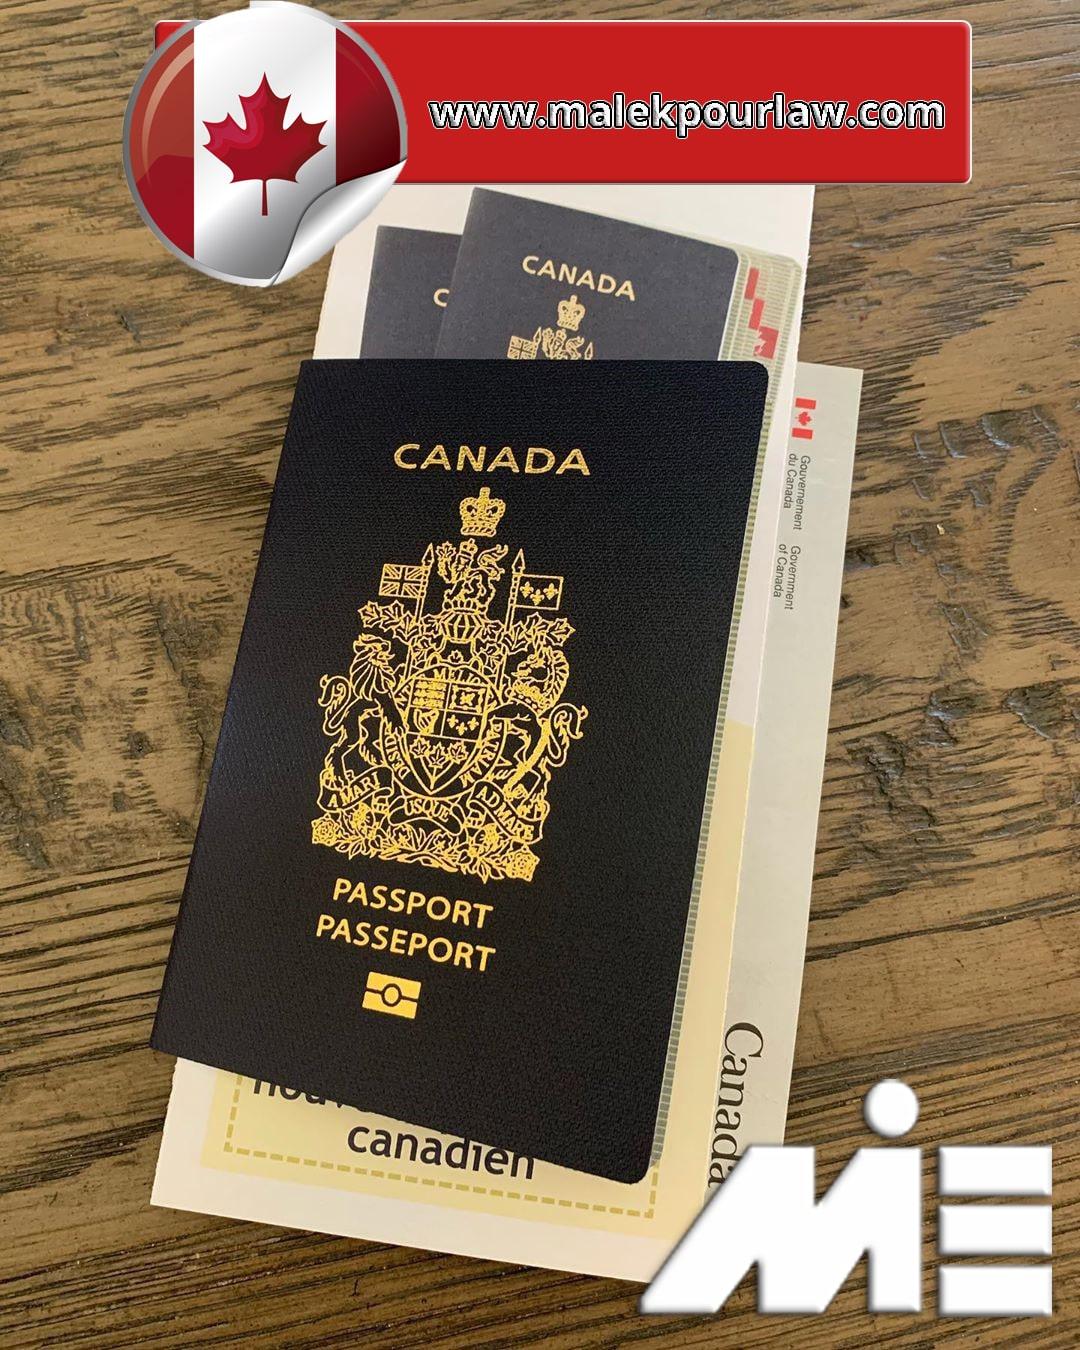 پاسپورت کانادا - تابعیت کانادا - شهروندی کانادا - کانادا - سفر به کانادا